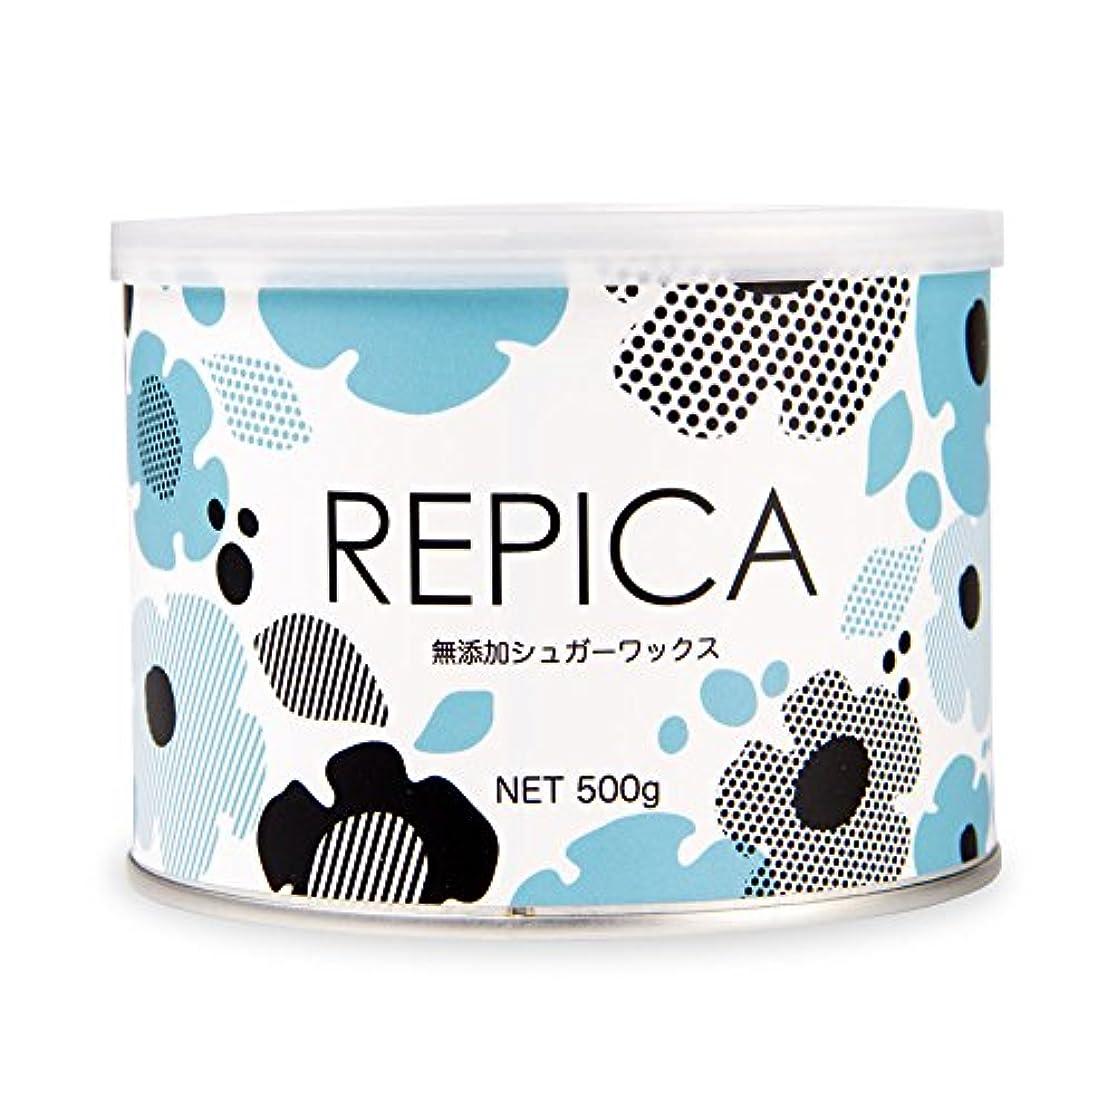 重さ備品自分のためにREPICA 無添加シュガーワックス 400ml ブラジリアンワックス脱毛 1個